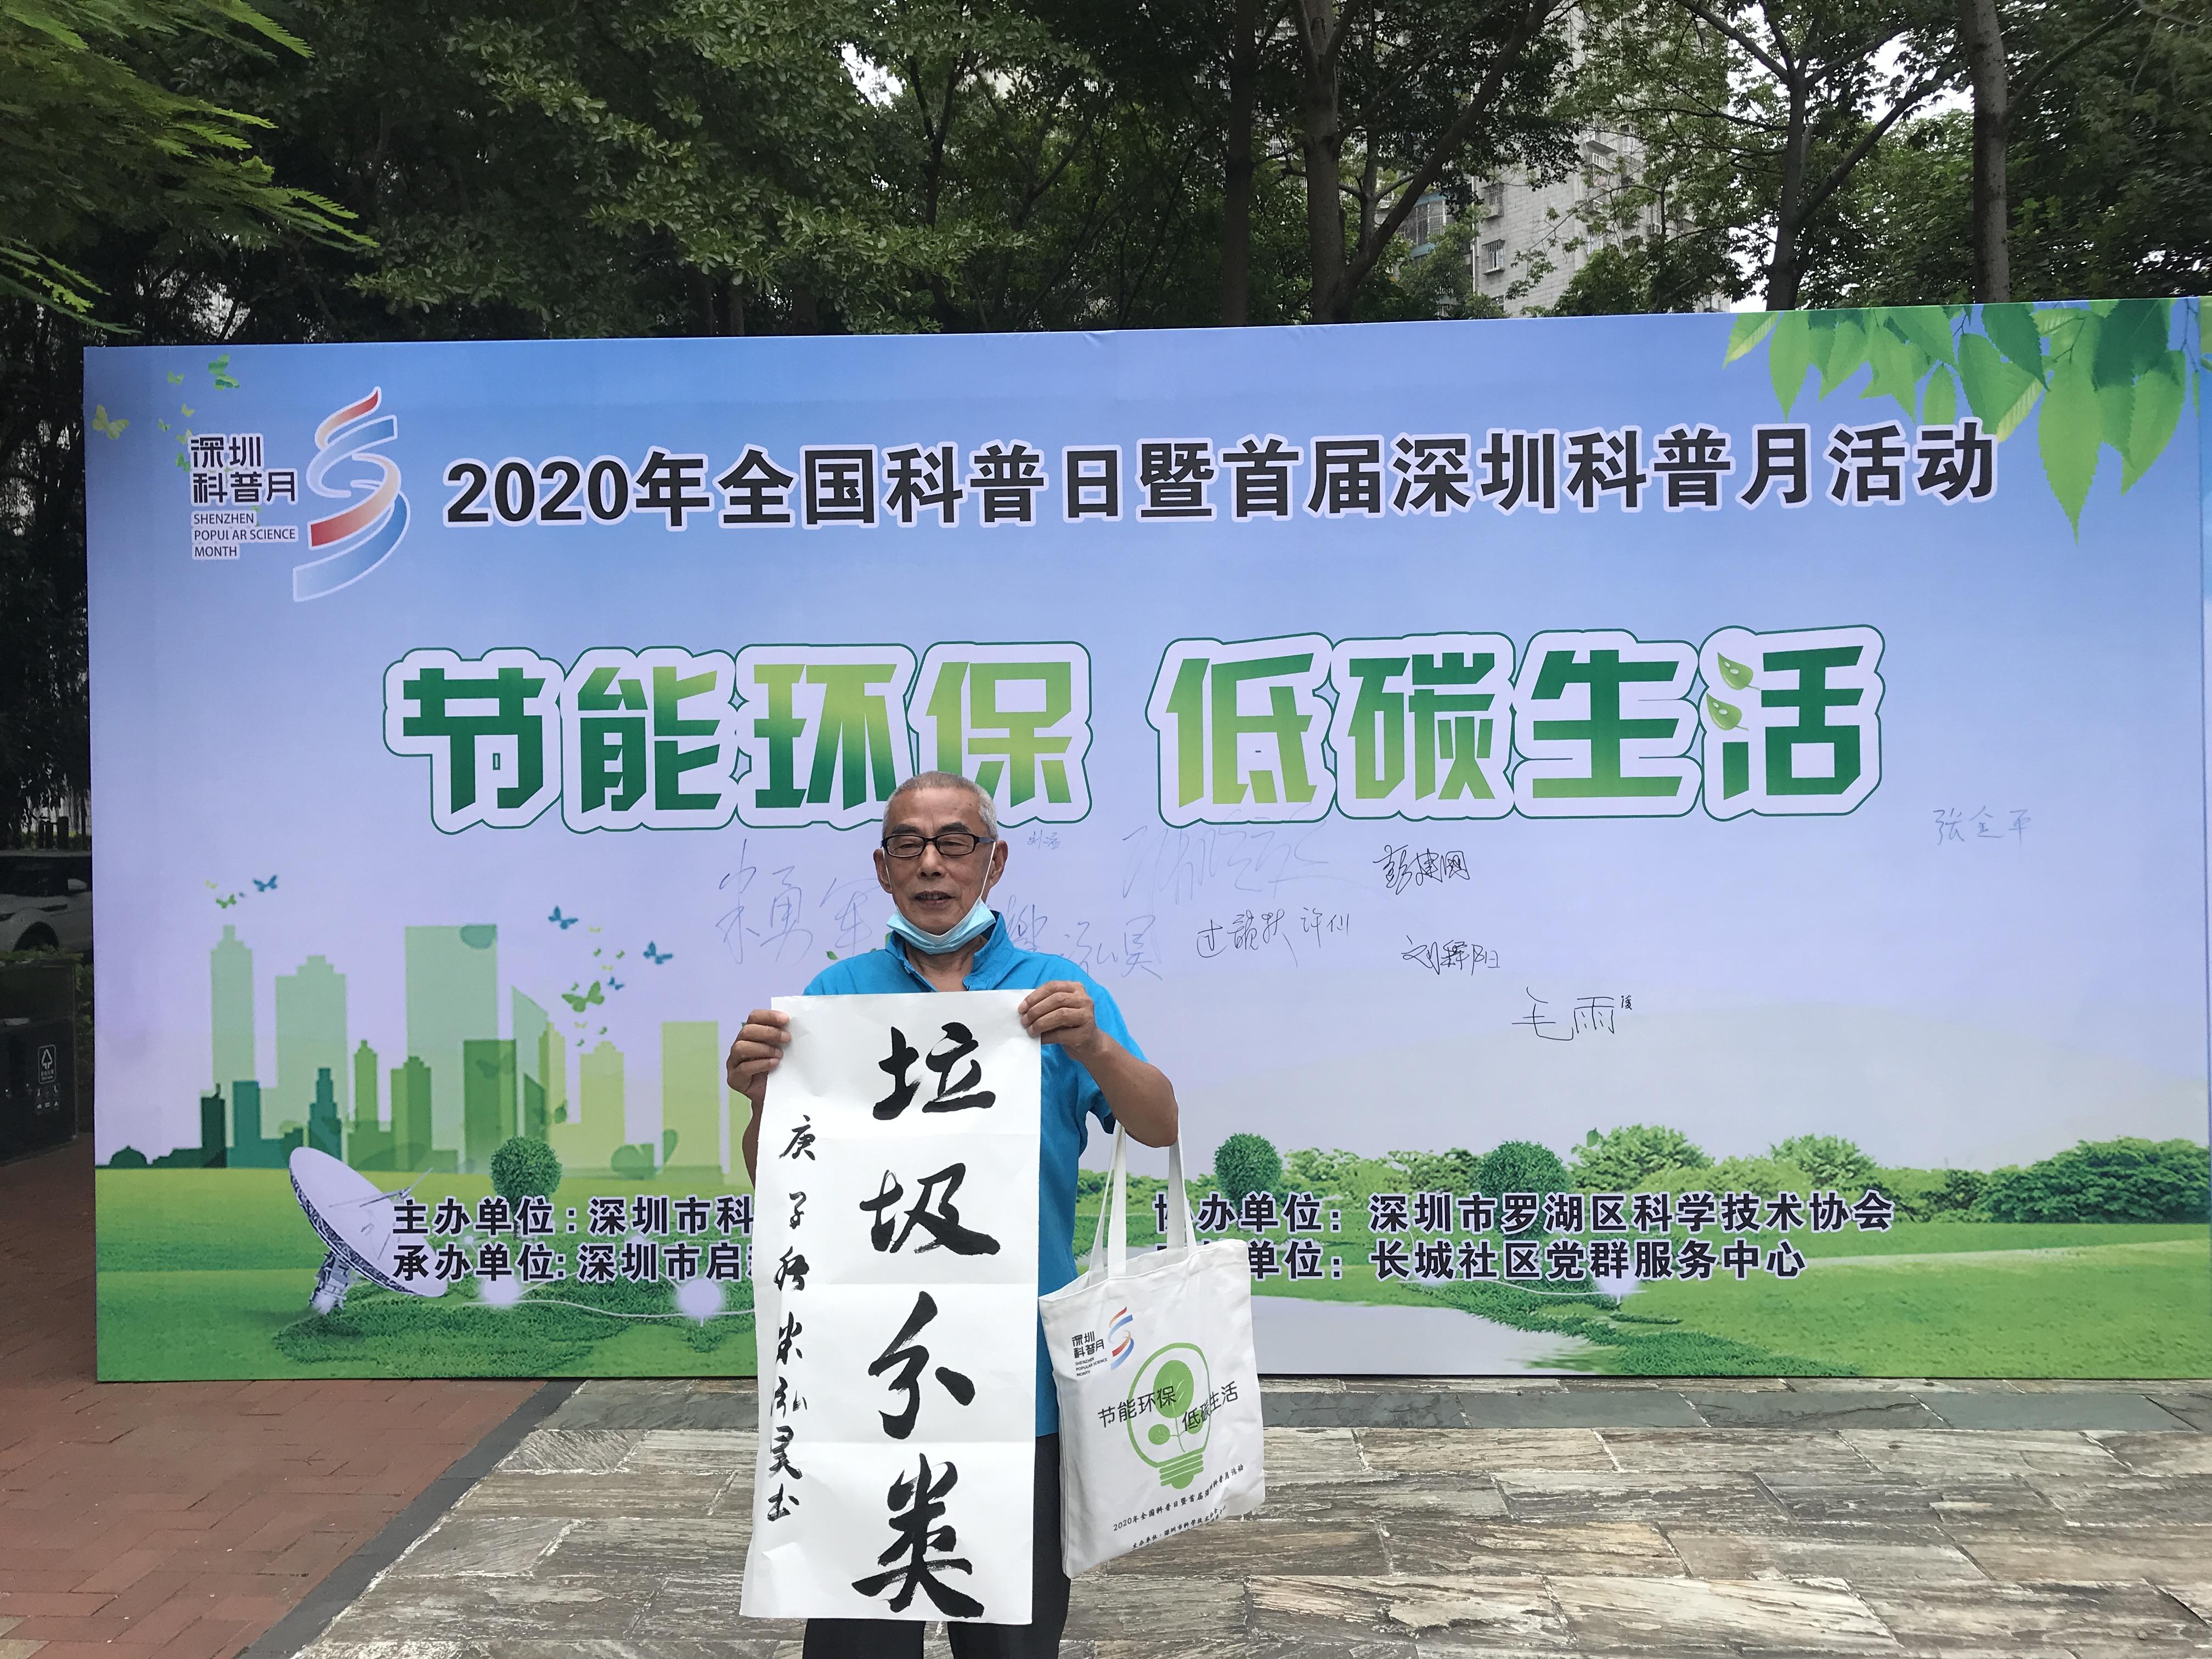 节能环保低碳生活 2020年全国科普日暨首届深圳科普月系列活动走进白沙岭社区